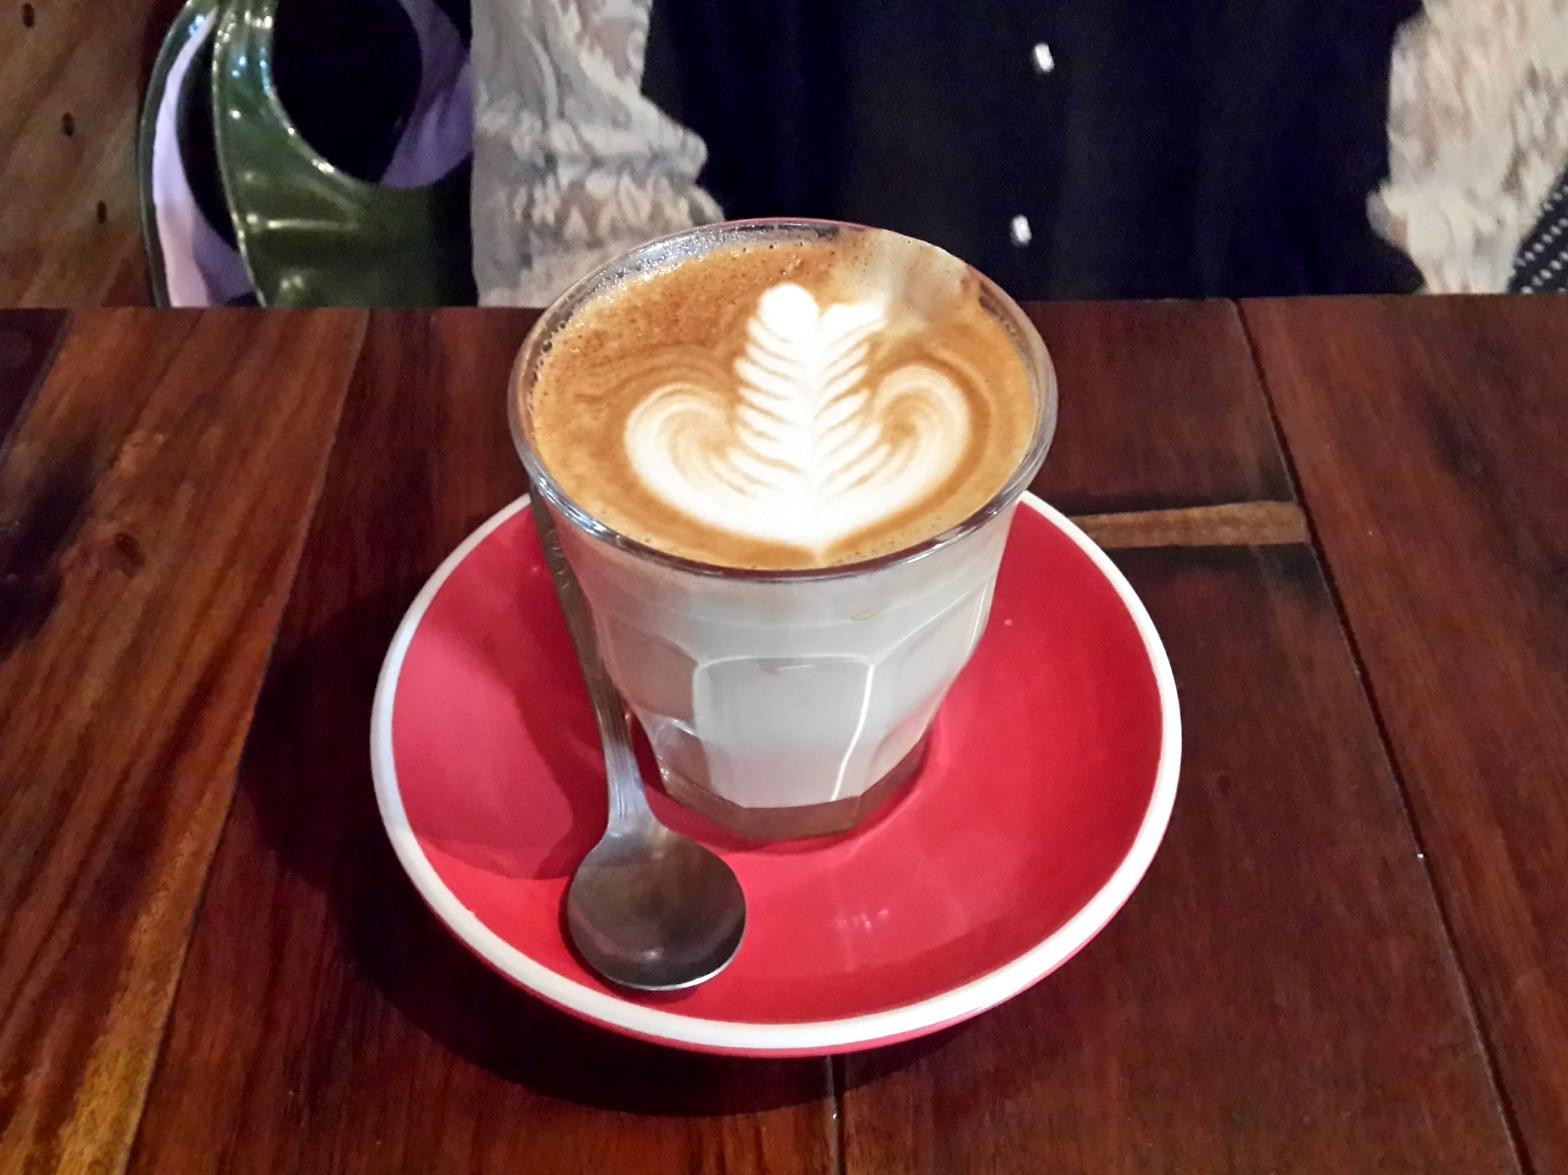 Latte at Revolver Espresso